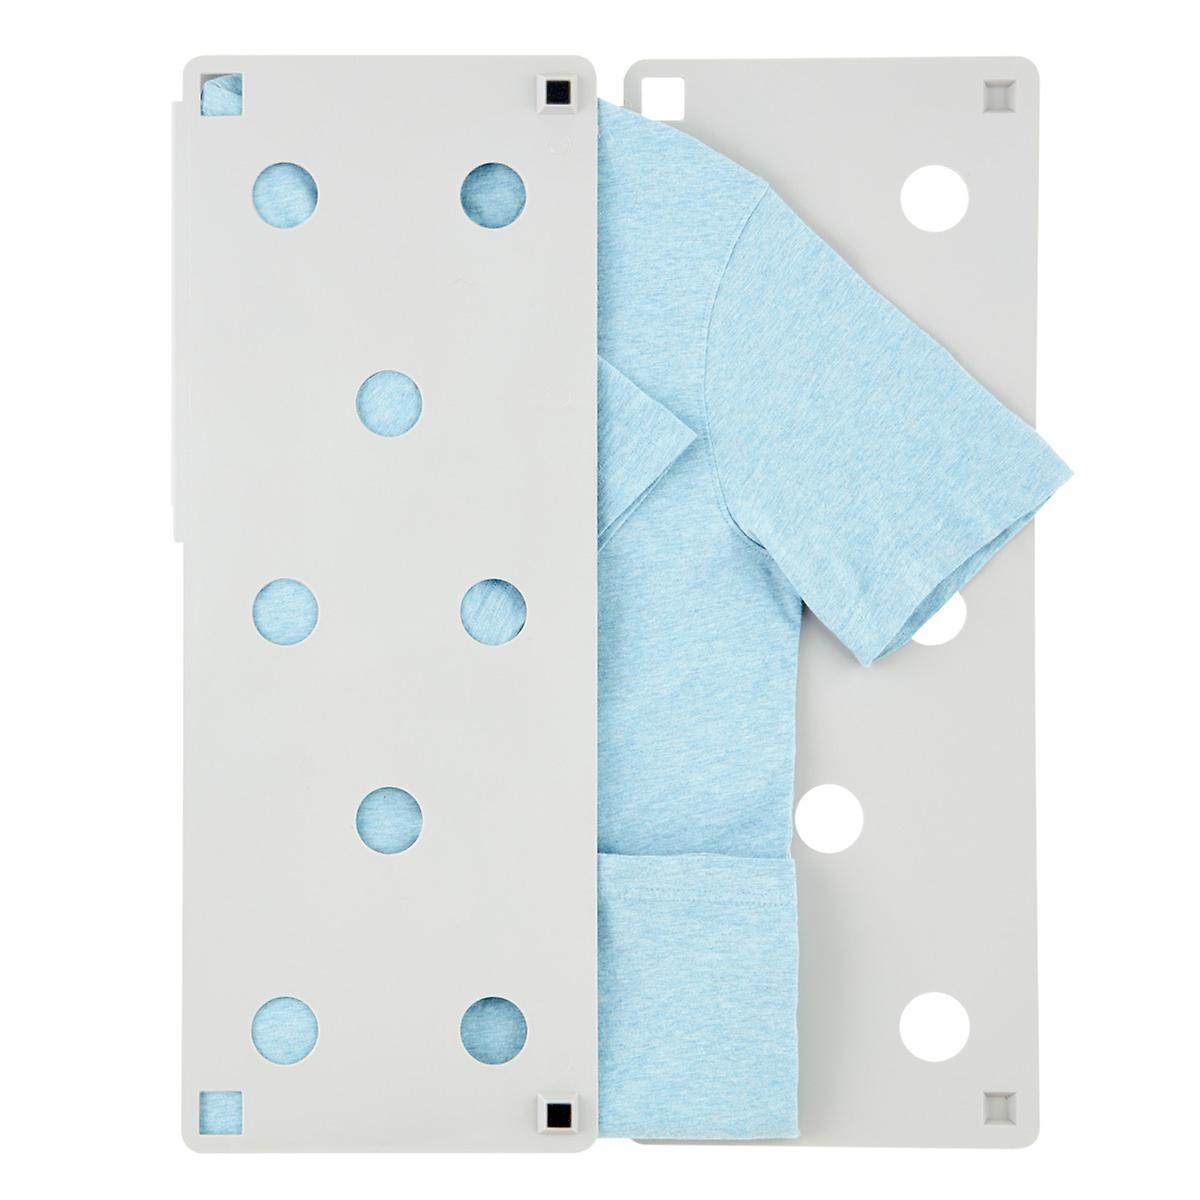 10071175-flipfold-laundry-folder-gre-2.jpg